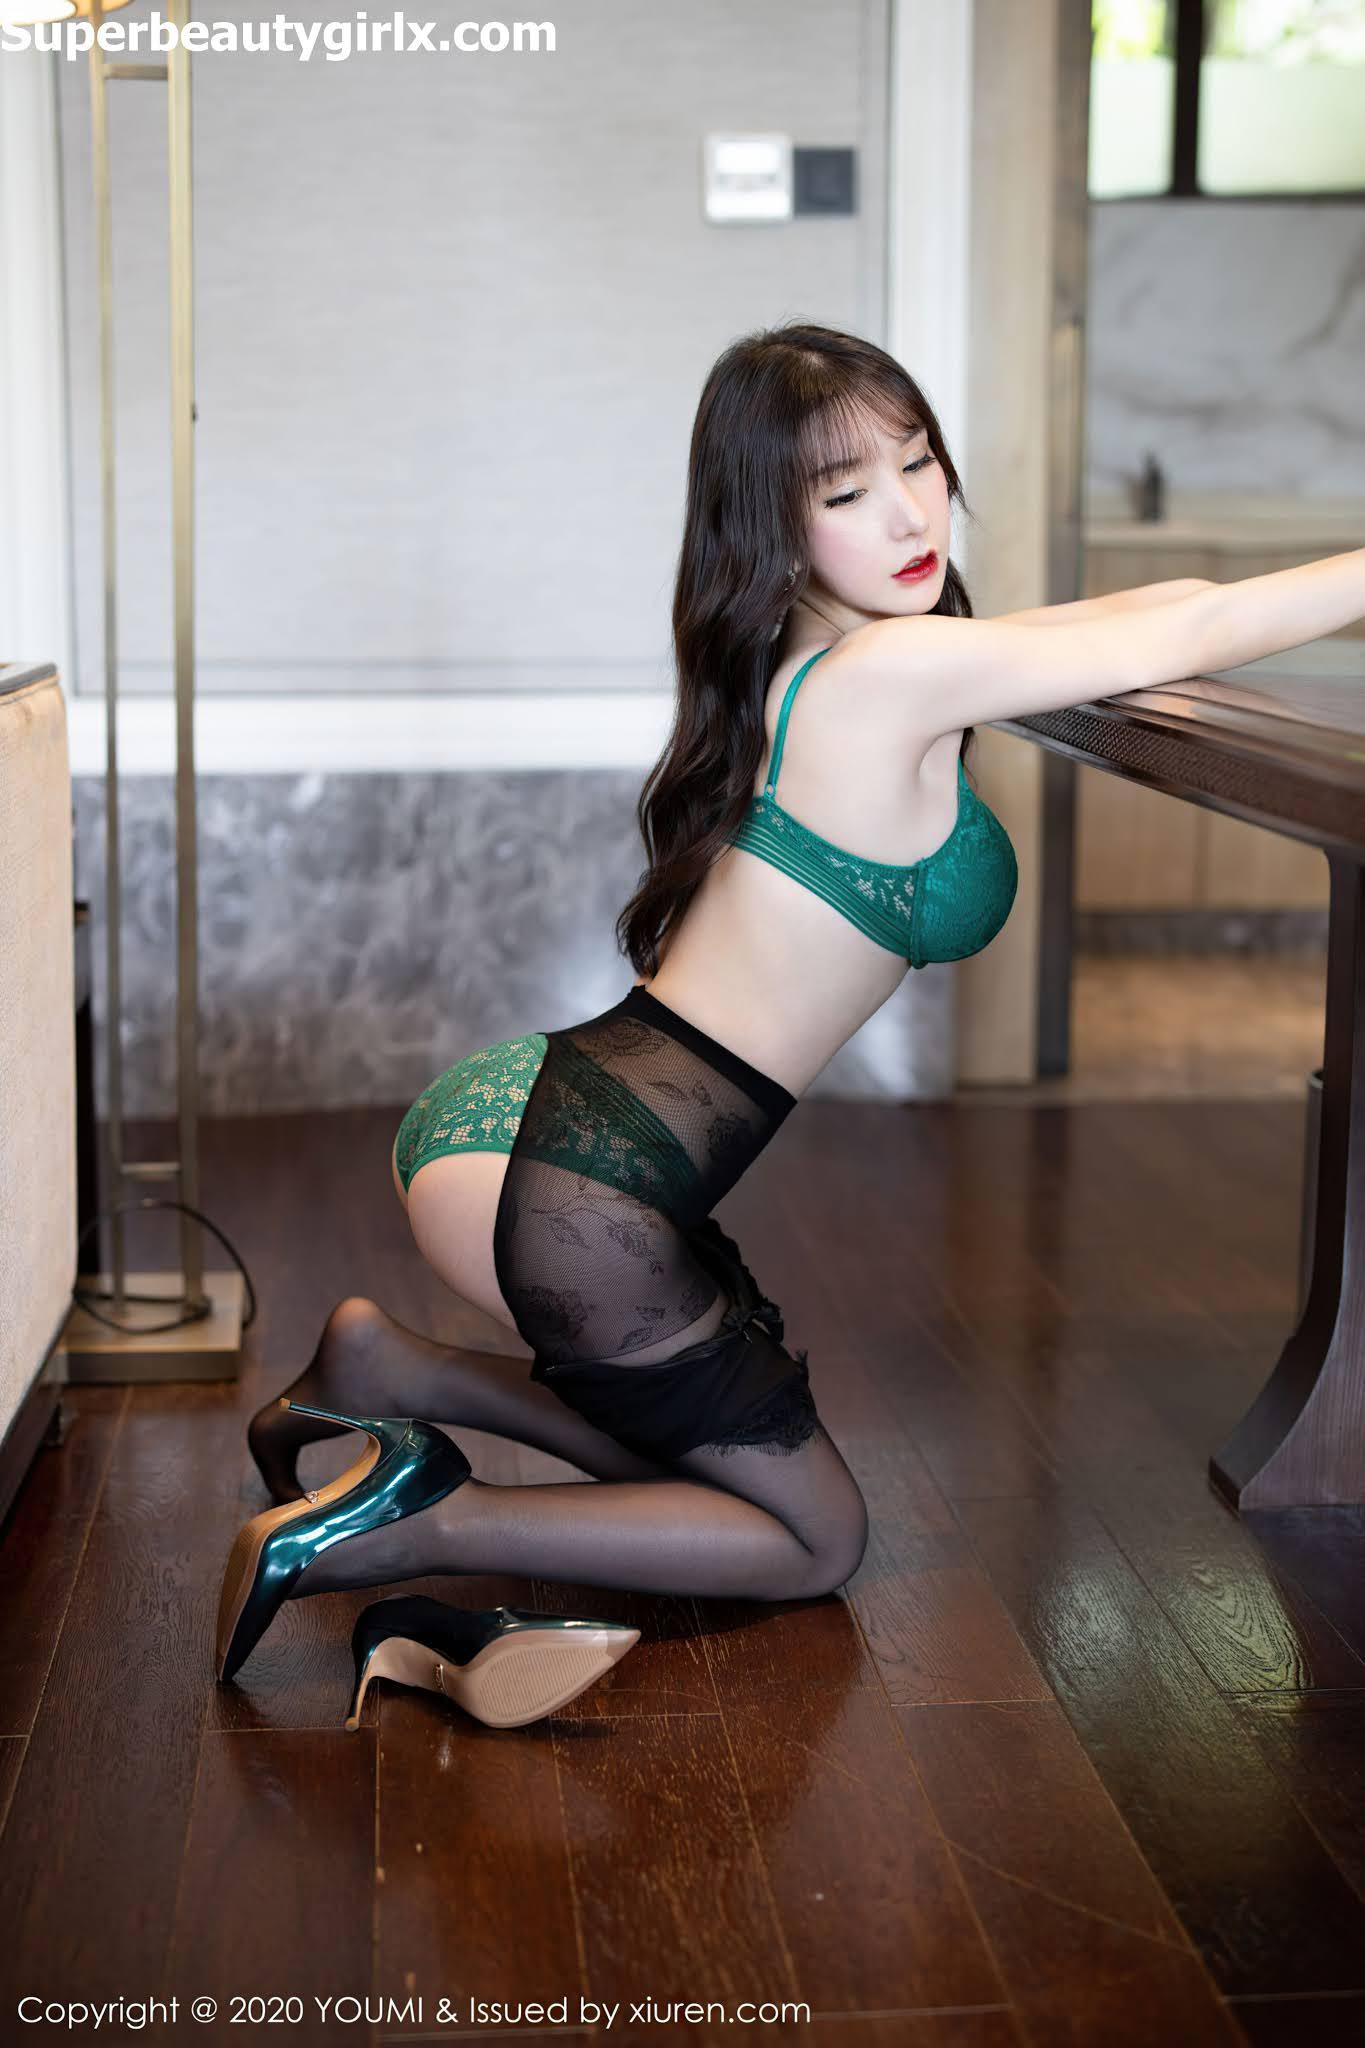 YouMi-Vol.542-Zhou-Yuxi-Sandy-Superbeautygirlx.com